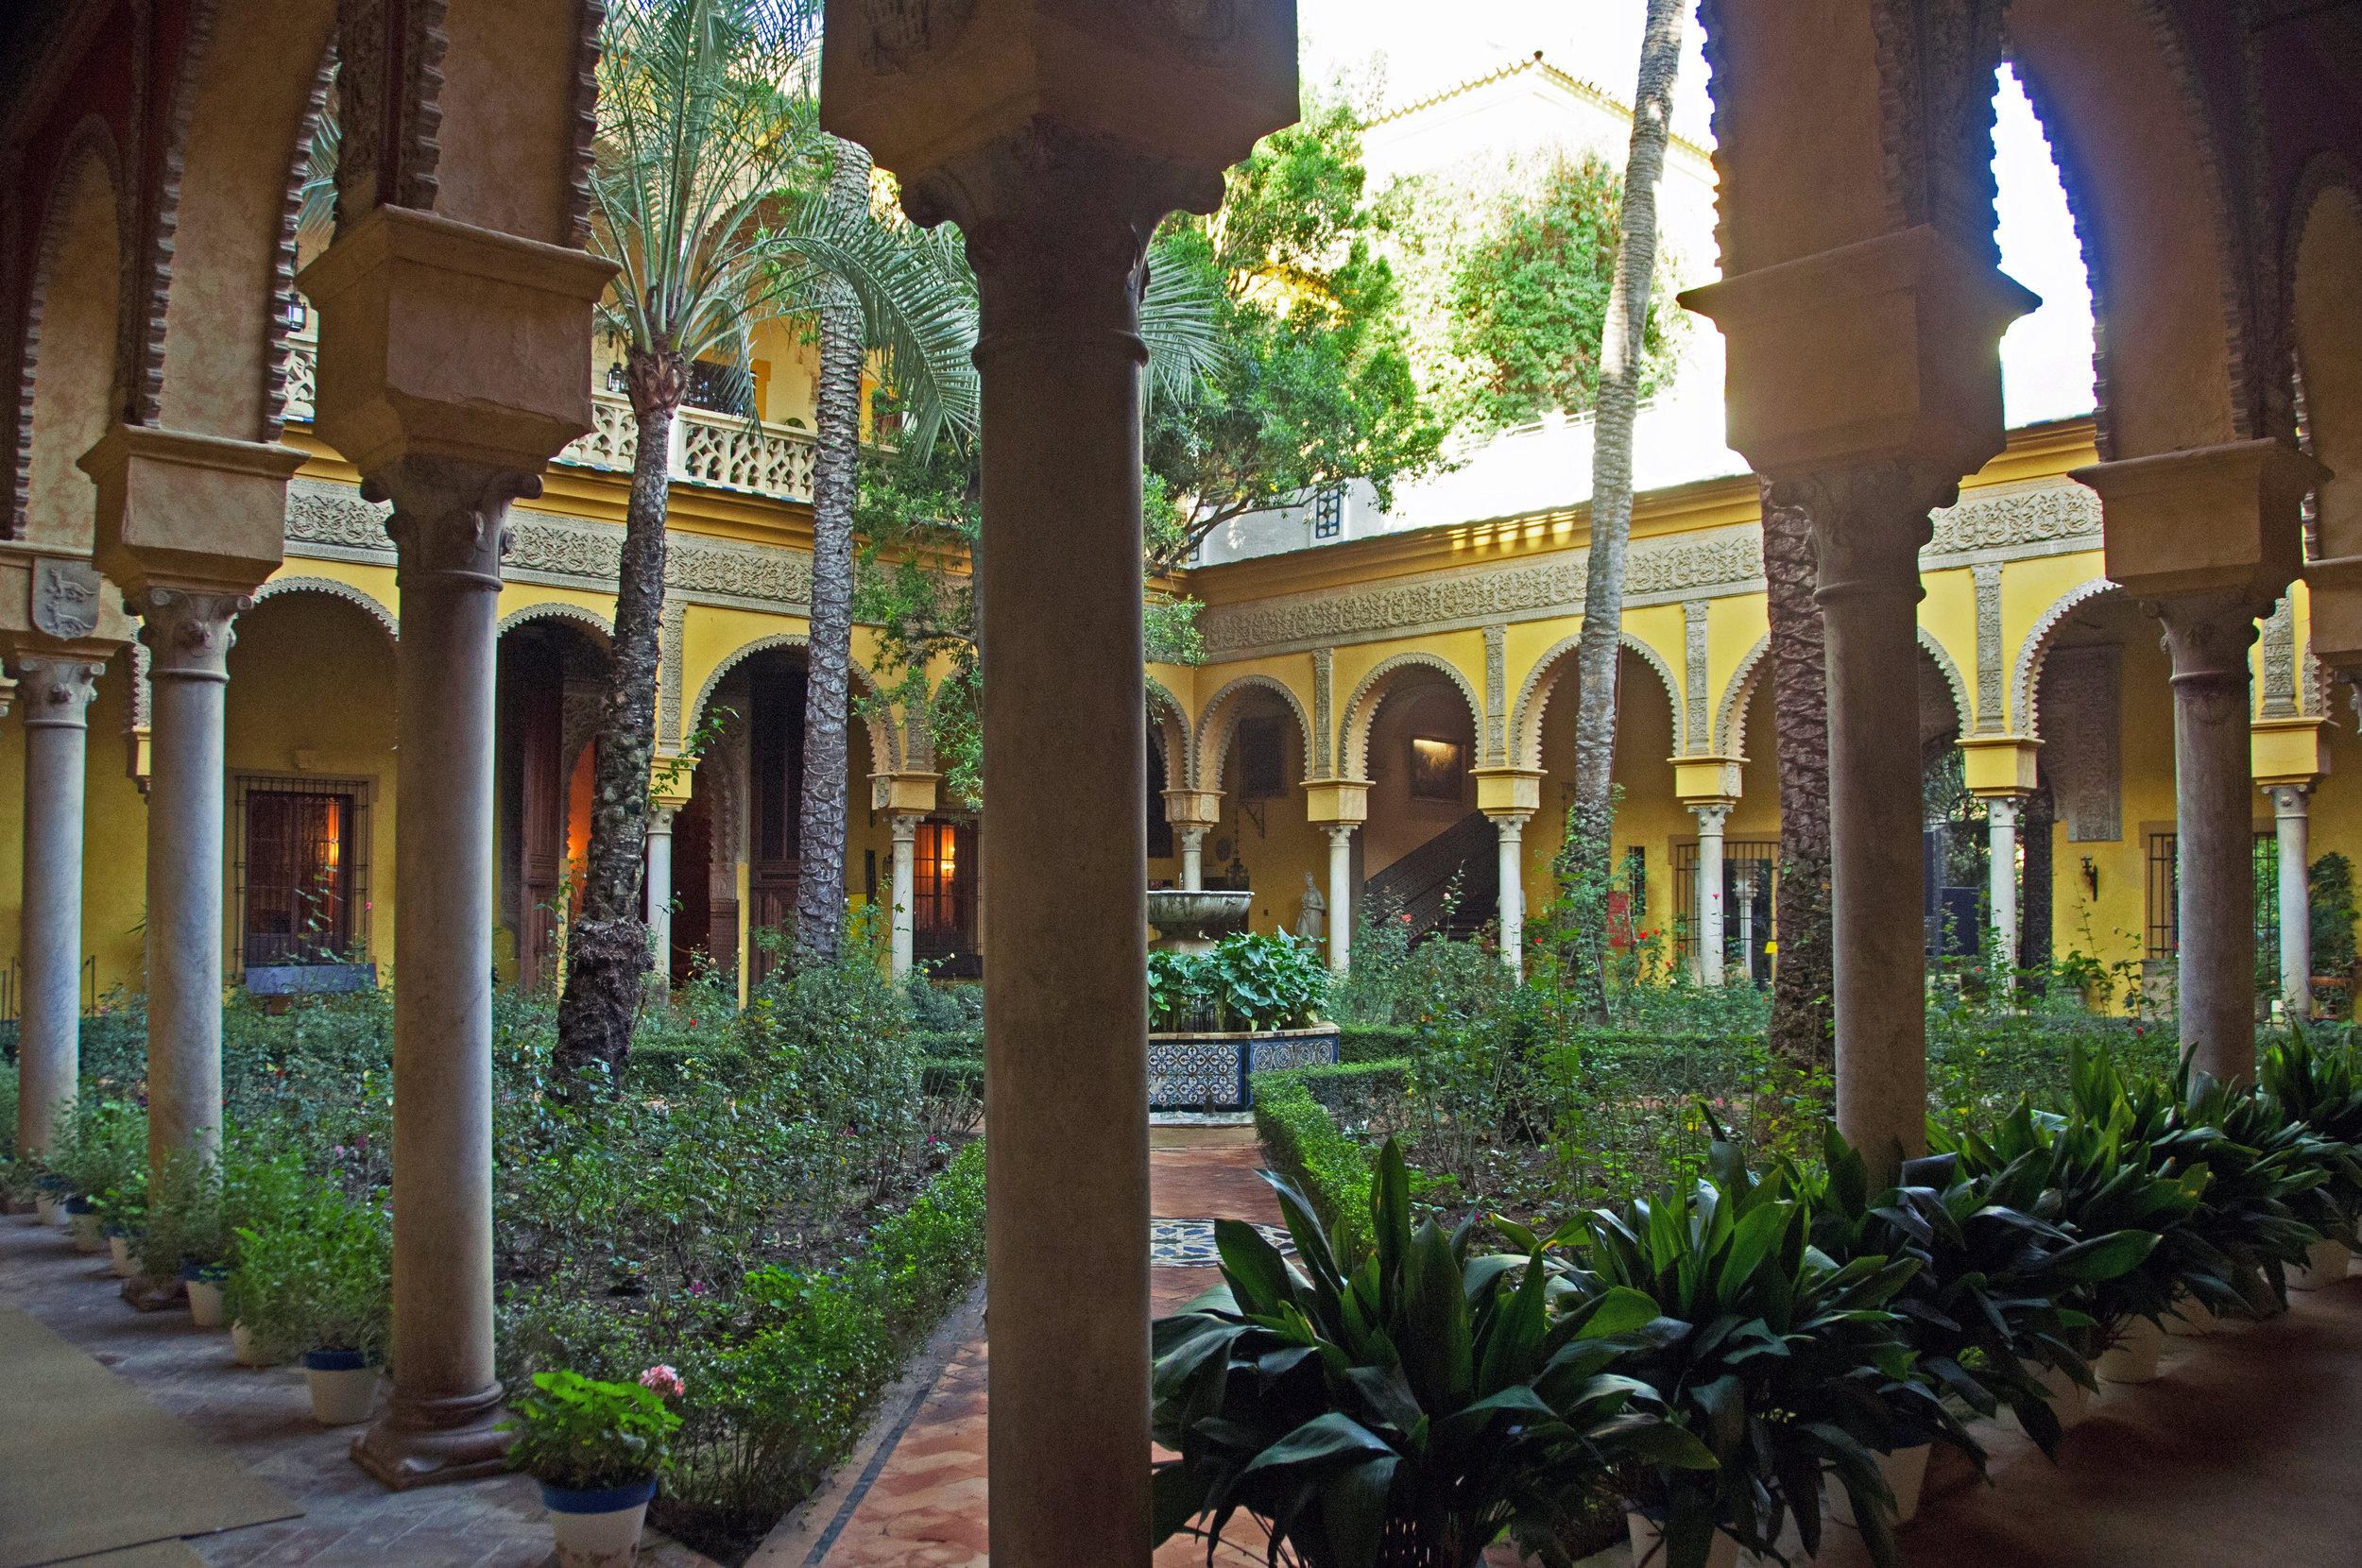 Main courtyard at Palacio de las Dueñas